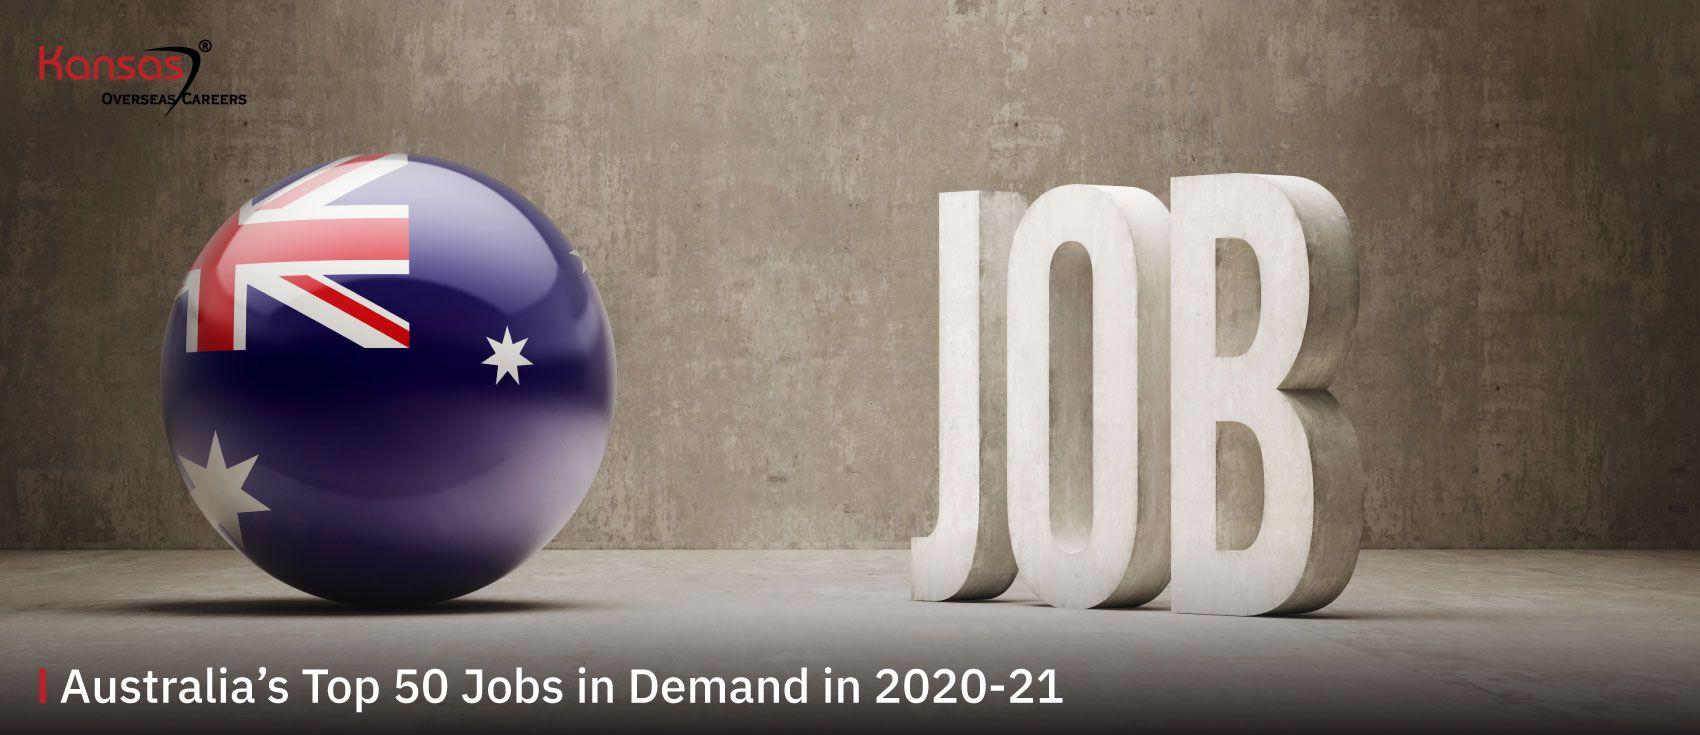 Australia's-Top-50-Jobs-in-Demand-in-2020-21